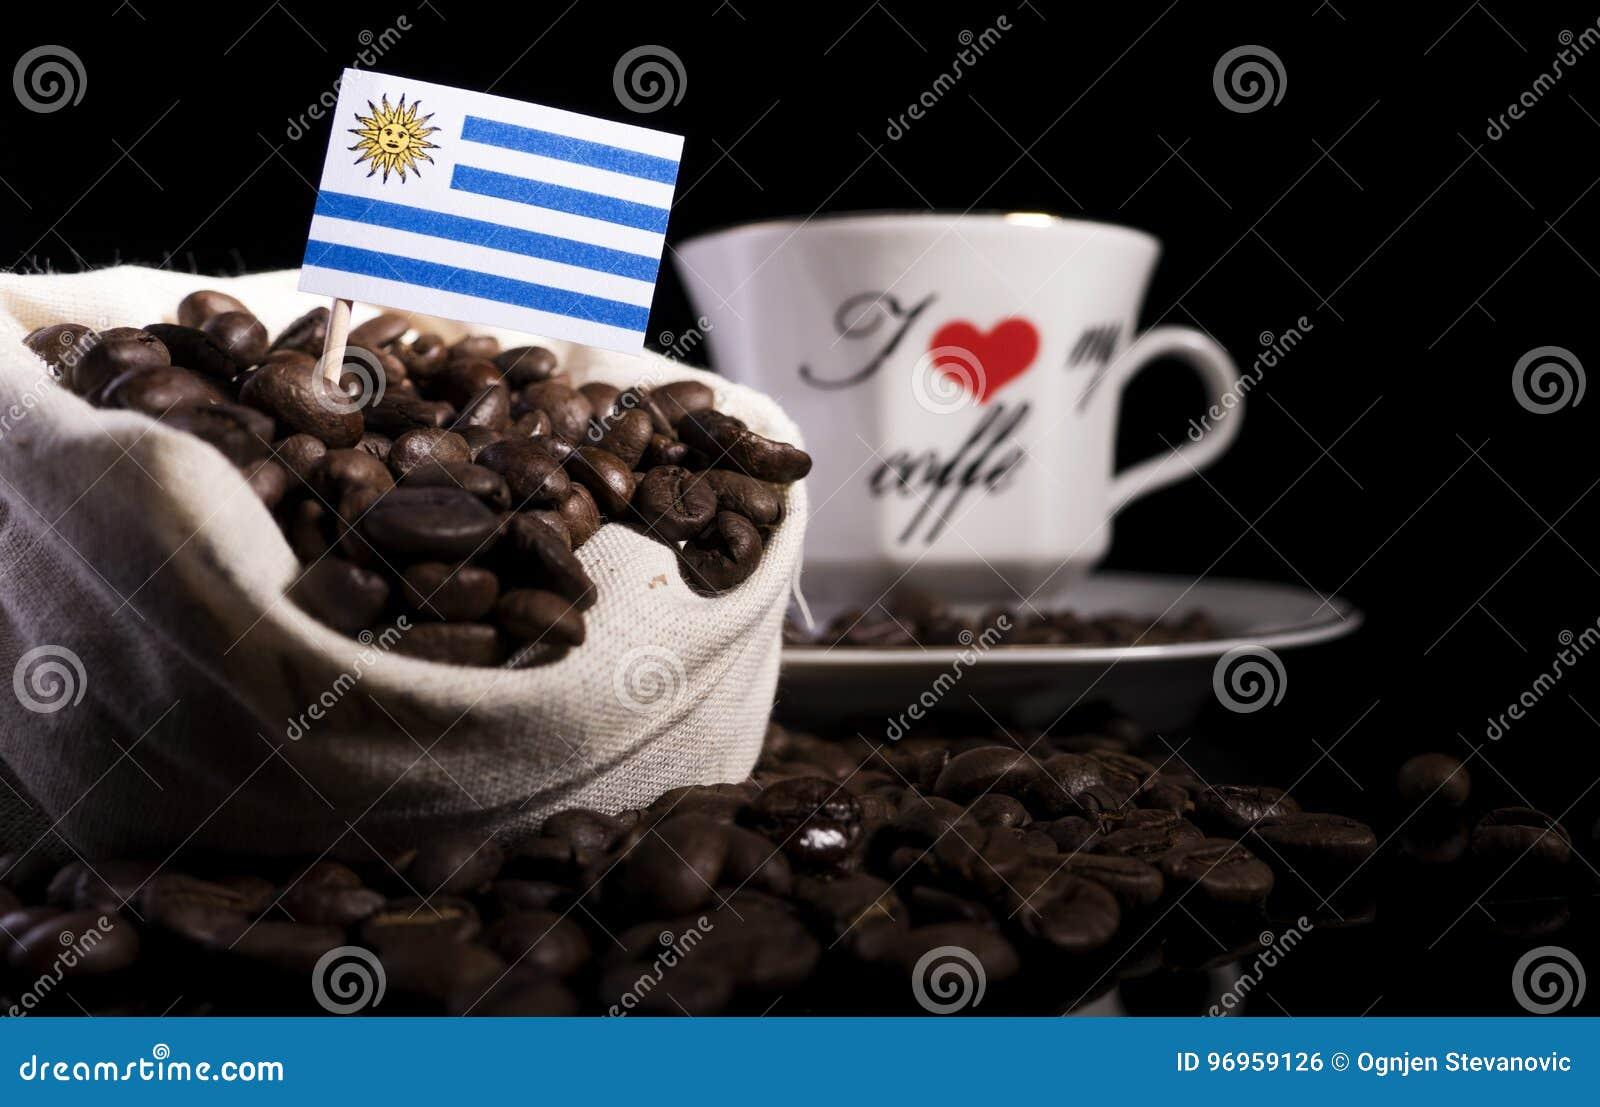 e53ee2aa0 Bandera De Uruguay En Un Bolso Con Los Granos De Café En Negro Foto ...